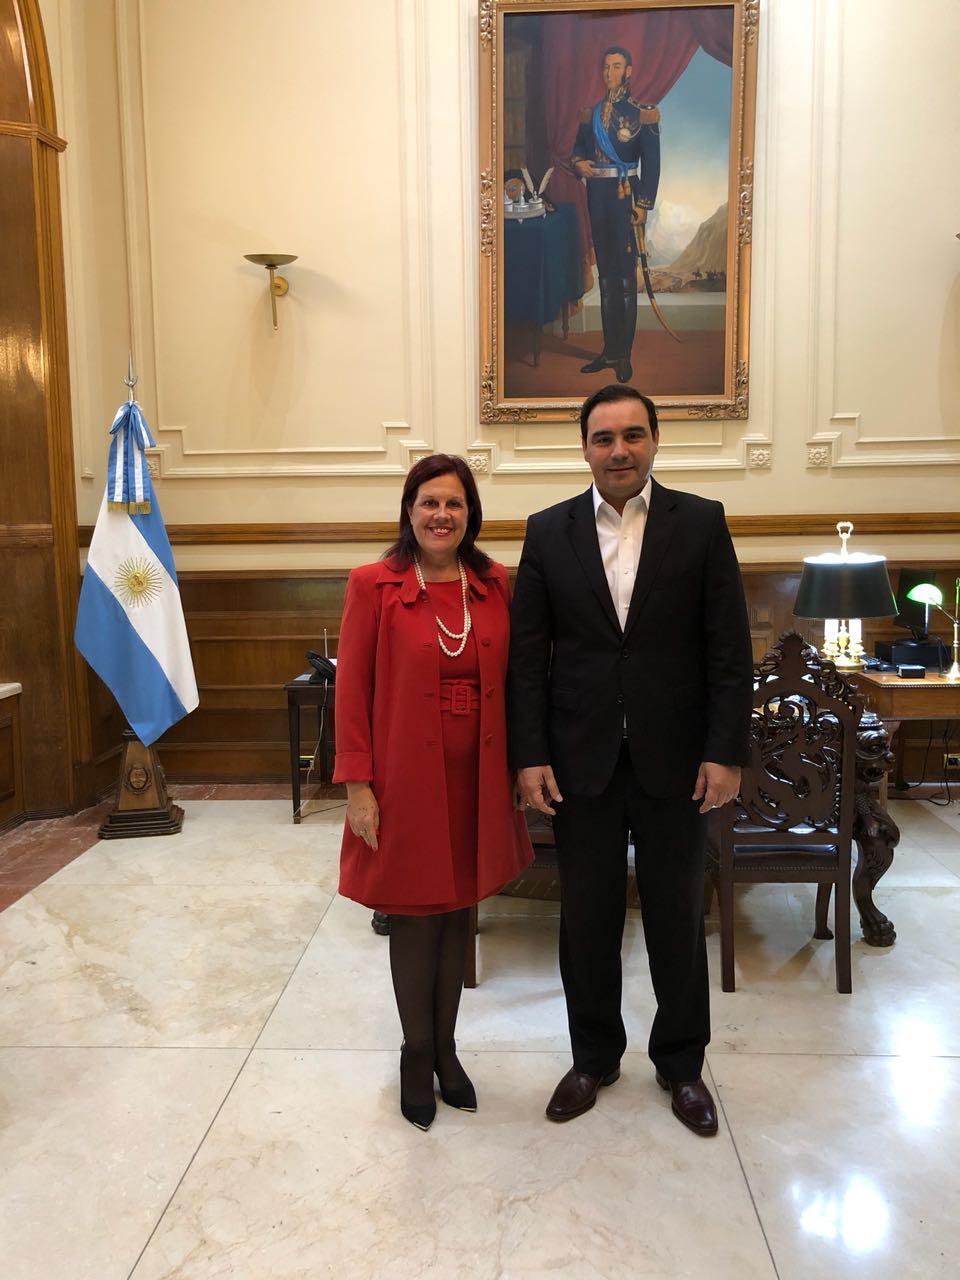 Destacan encuentro internacional  de juezas para promover Corrientes